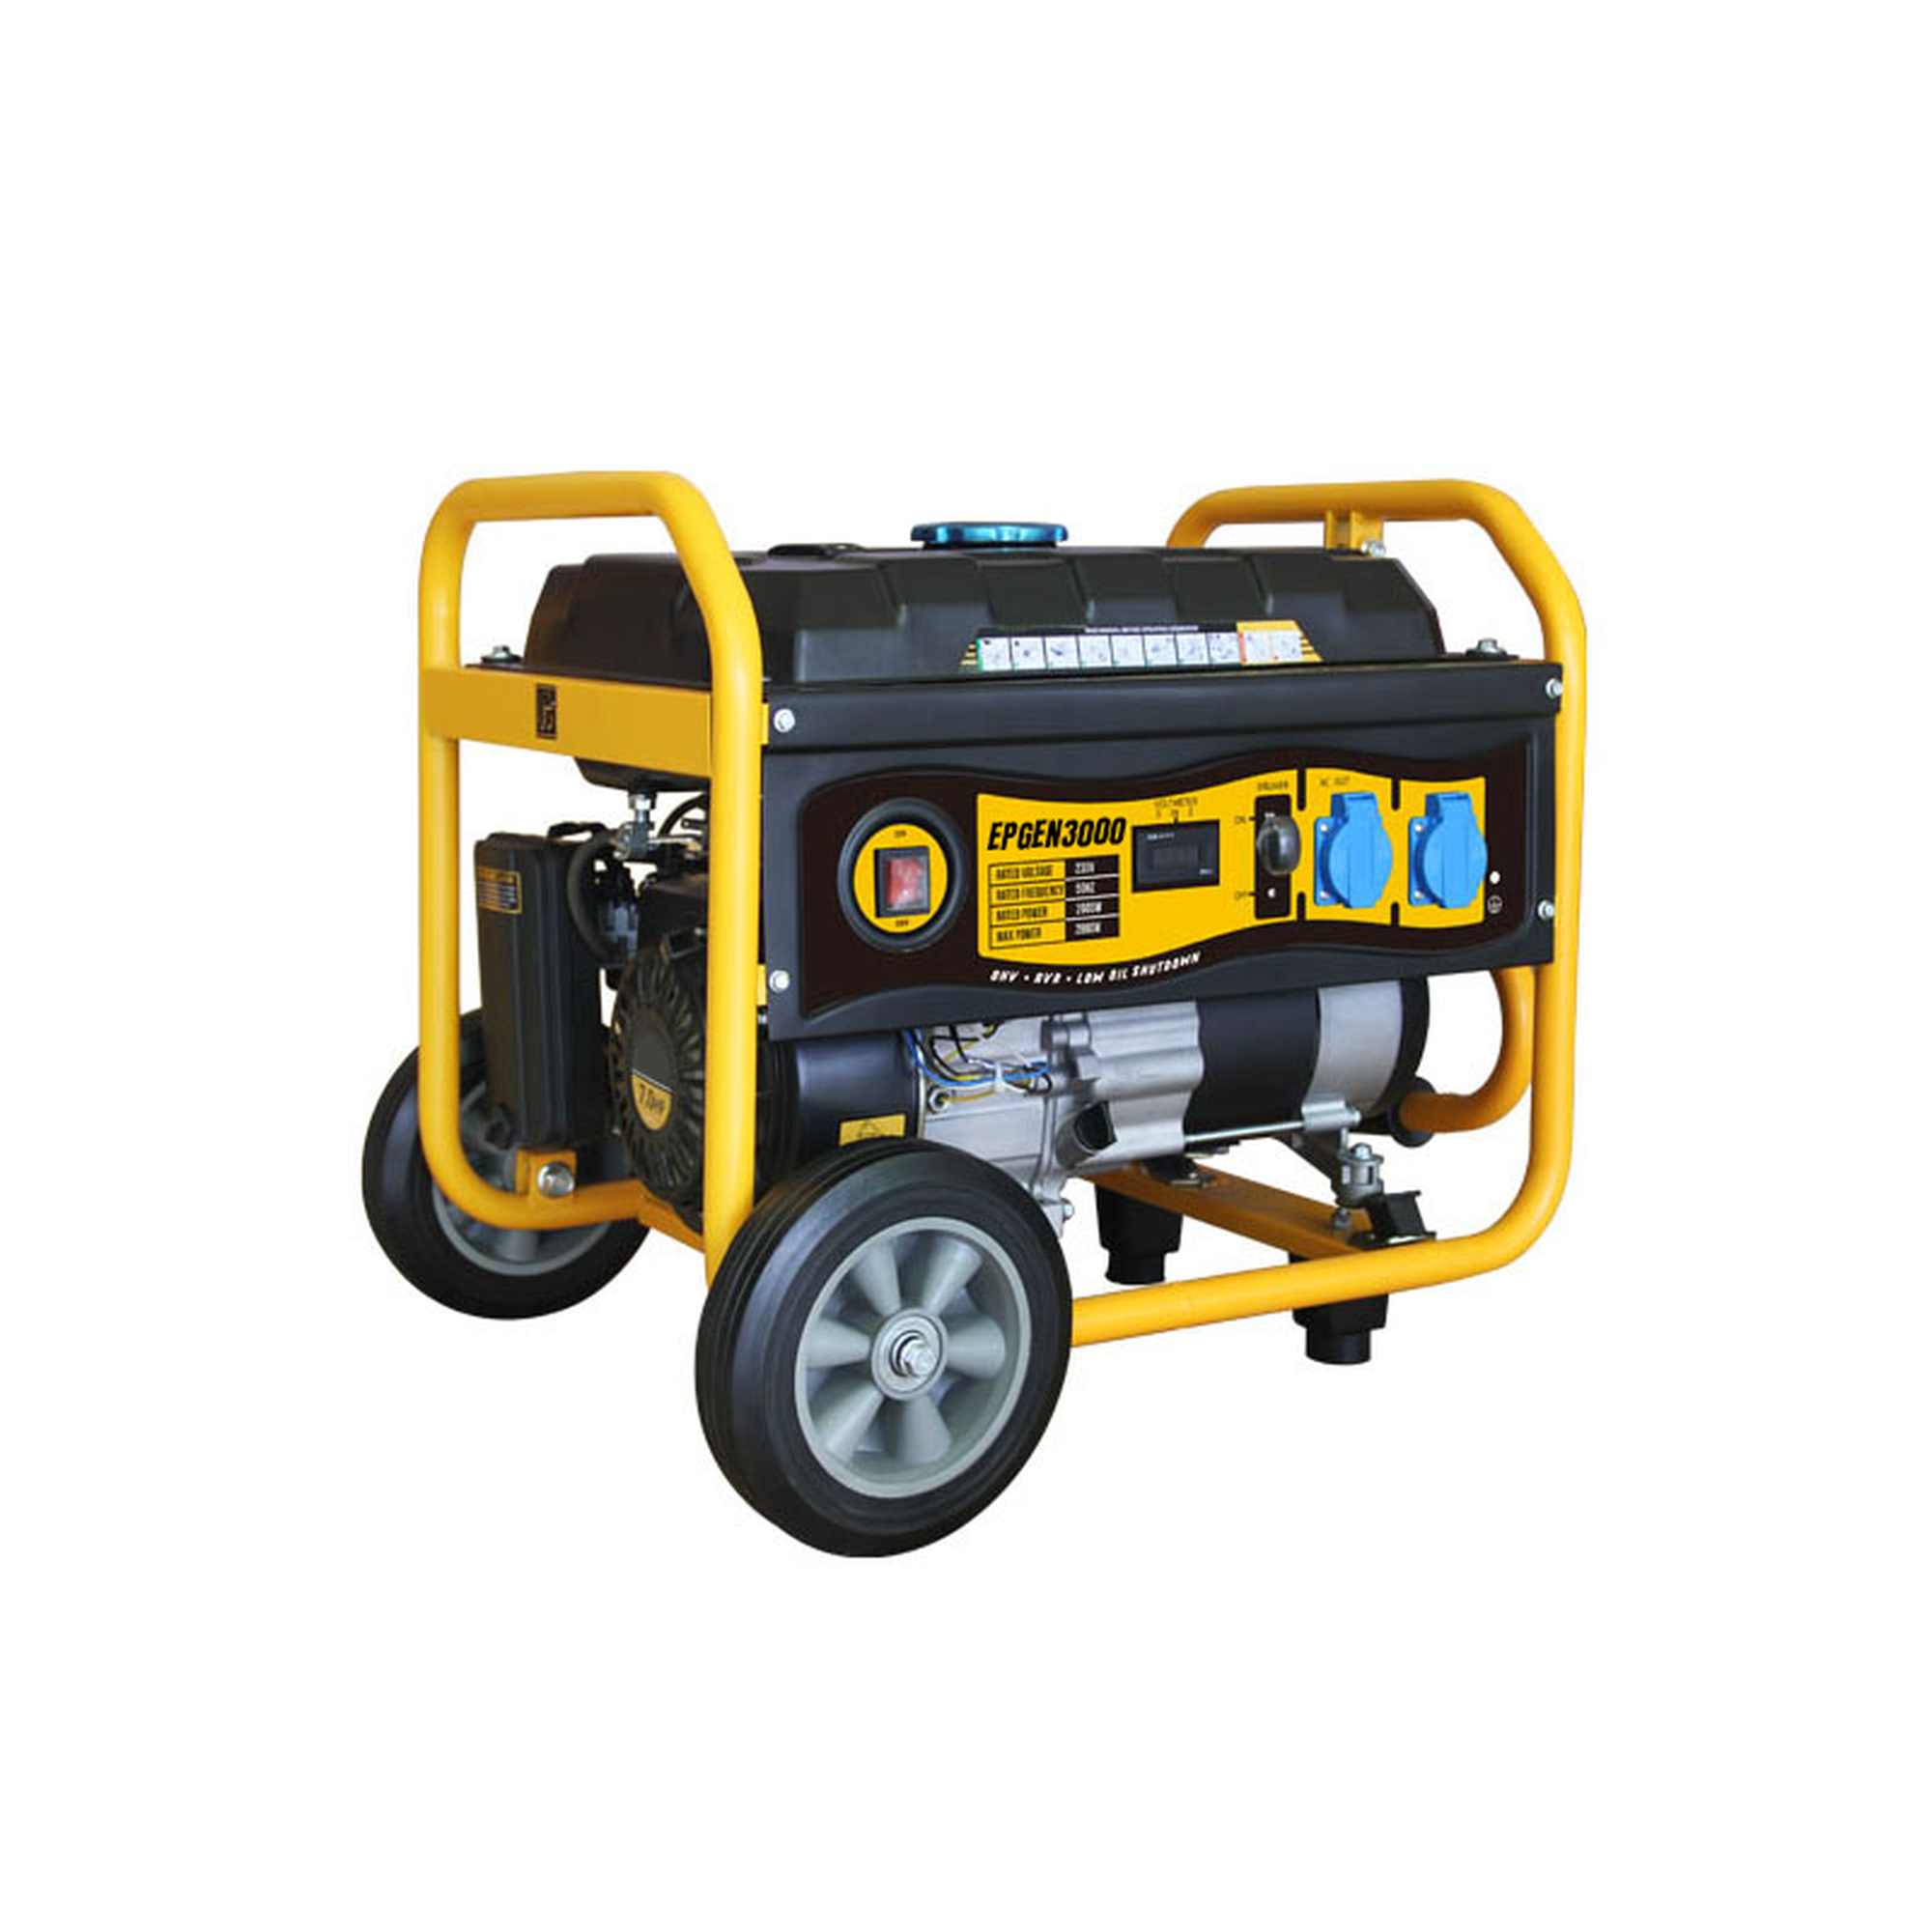 Generador a Gasolina 2.6kW, Jaula con Ruedas para Fácil Traslado